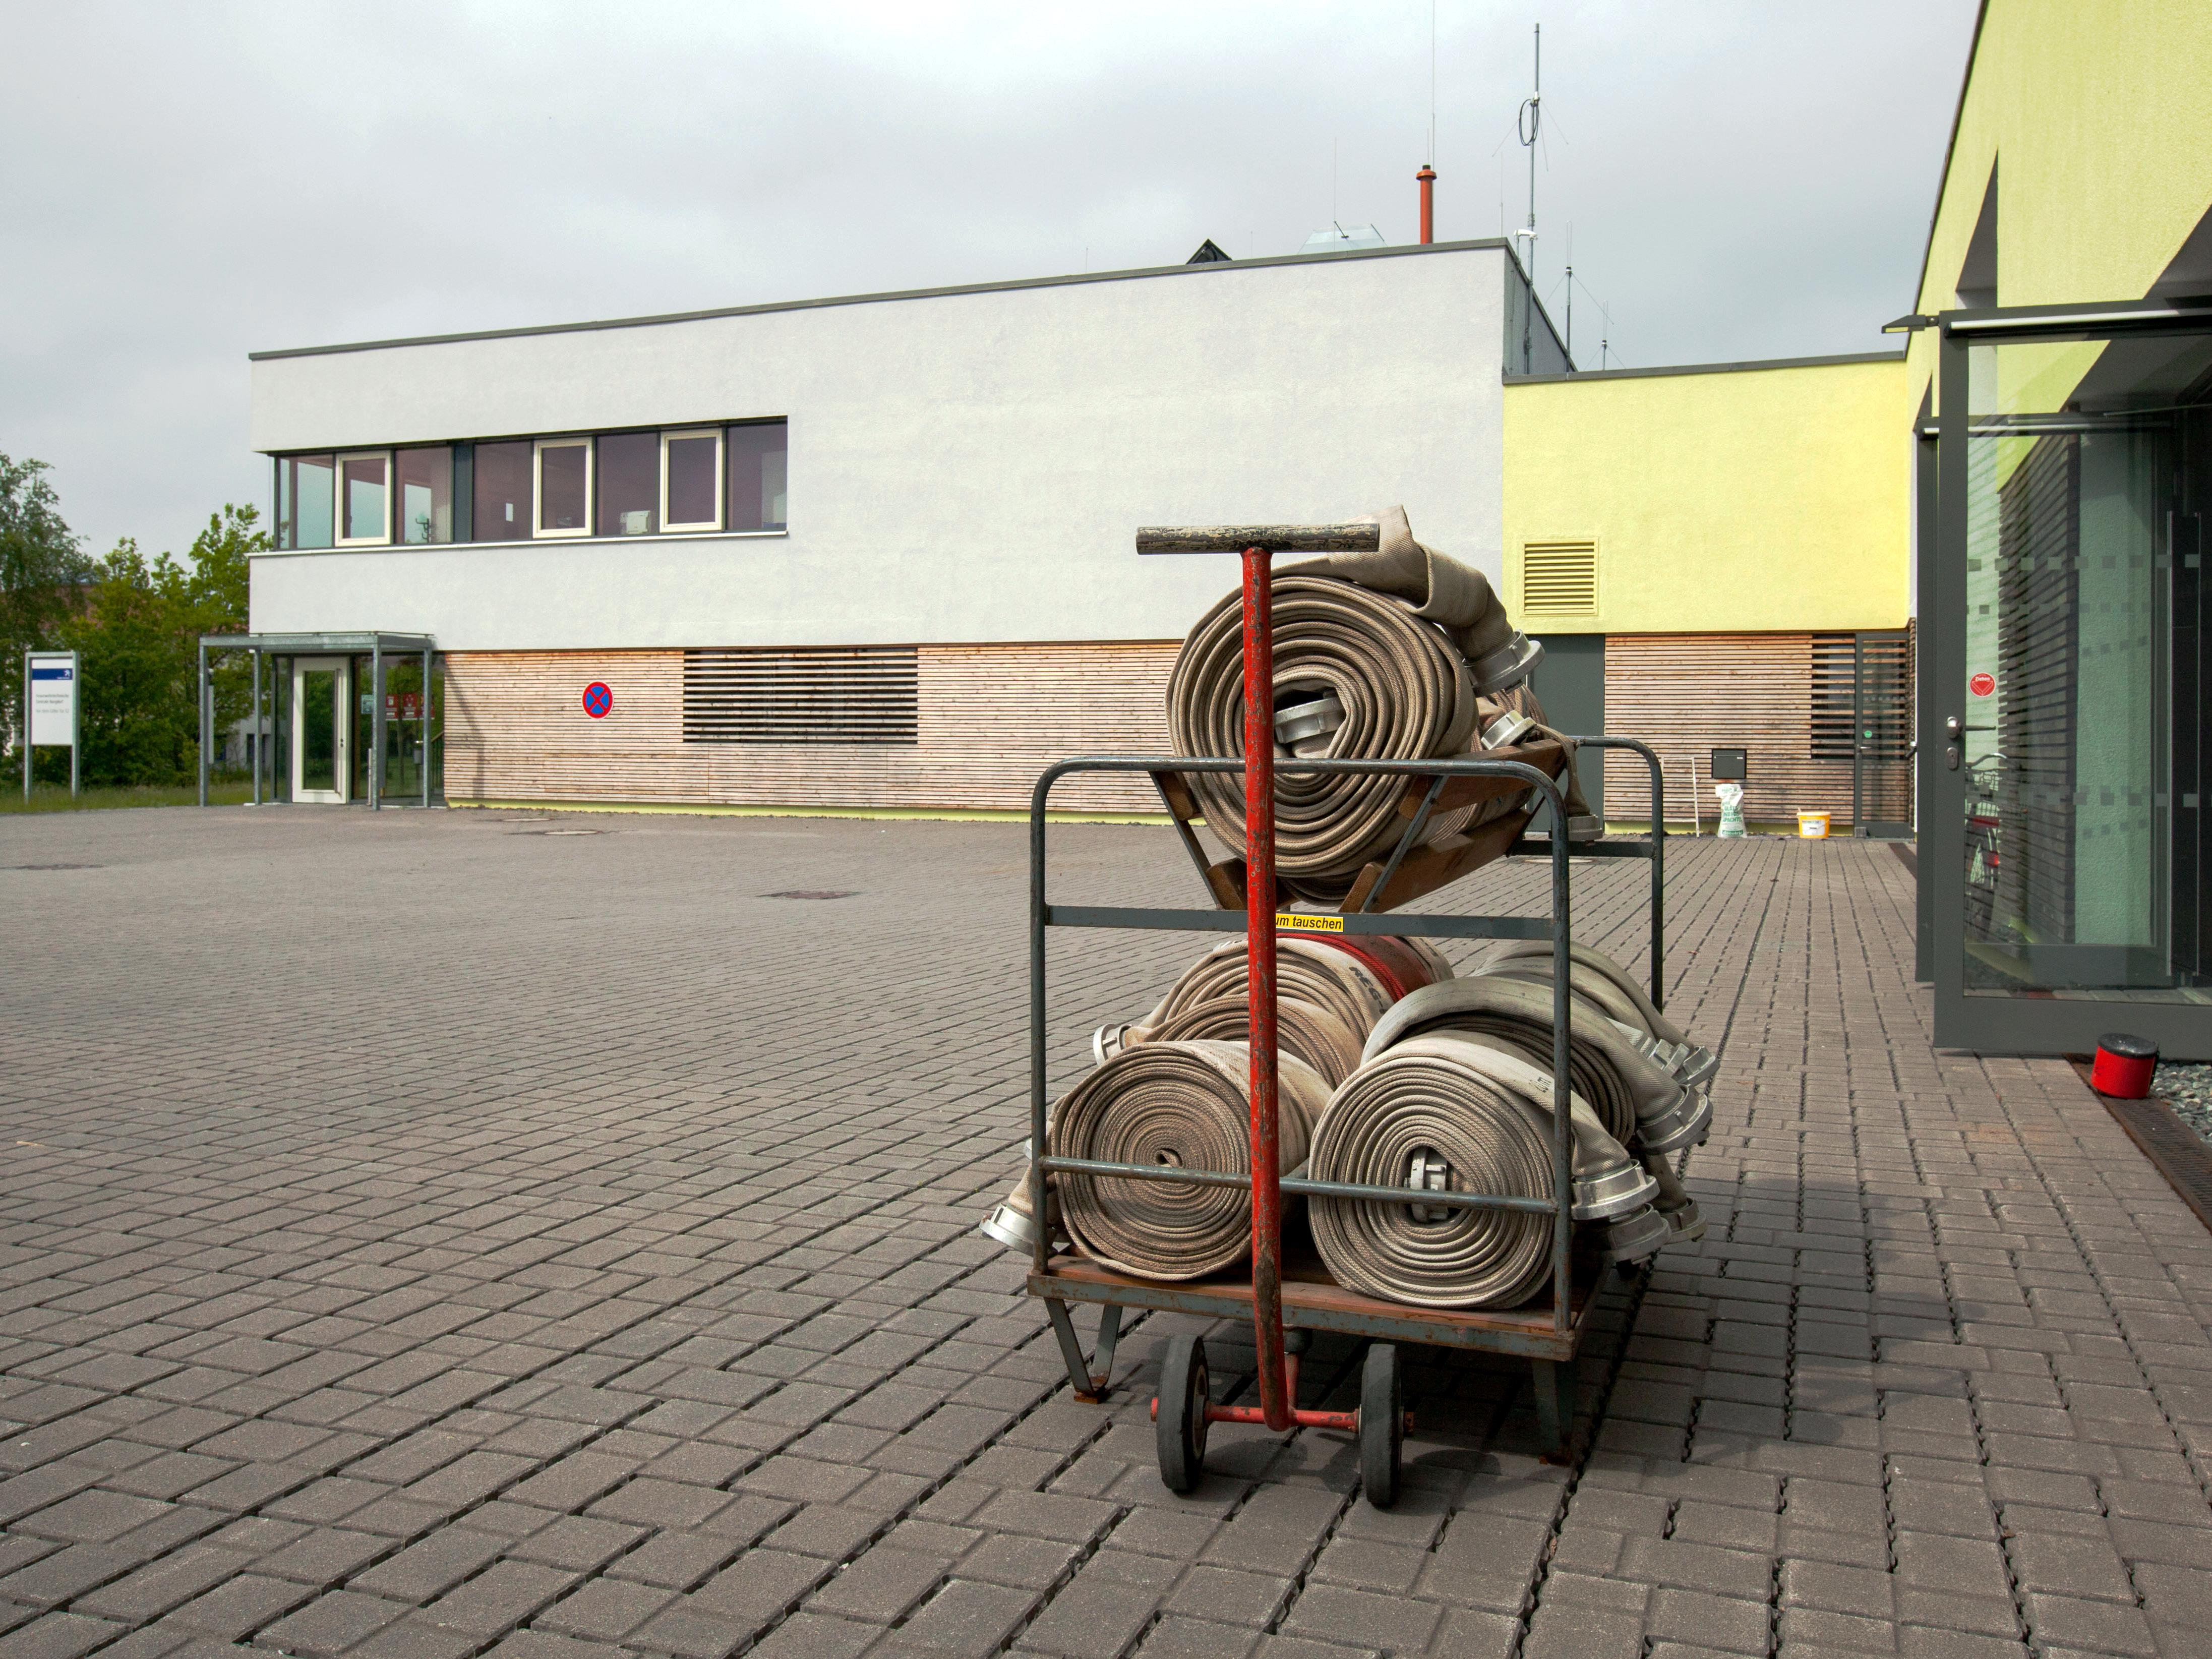 Auf einem Handkarren liegen Feuerwehrschläuche, im Hintergrund ist die Feuerwehrtechnische Zentrale (FTZ) Burgdorf